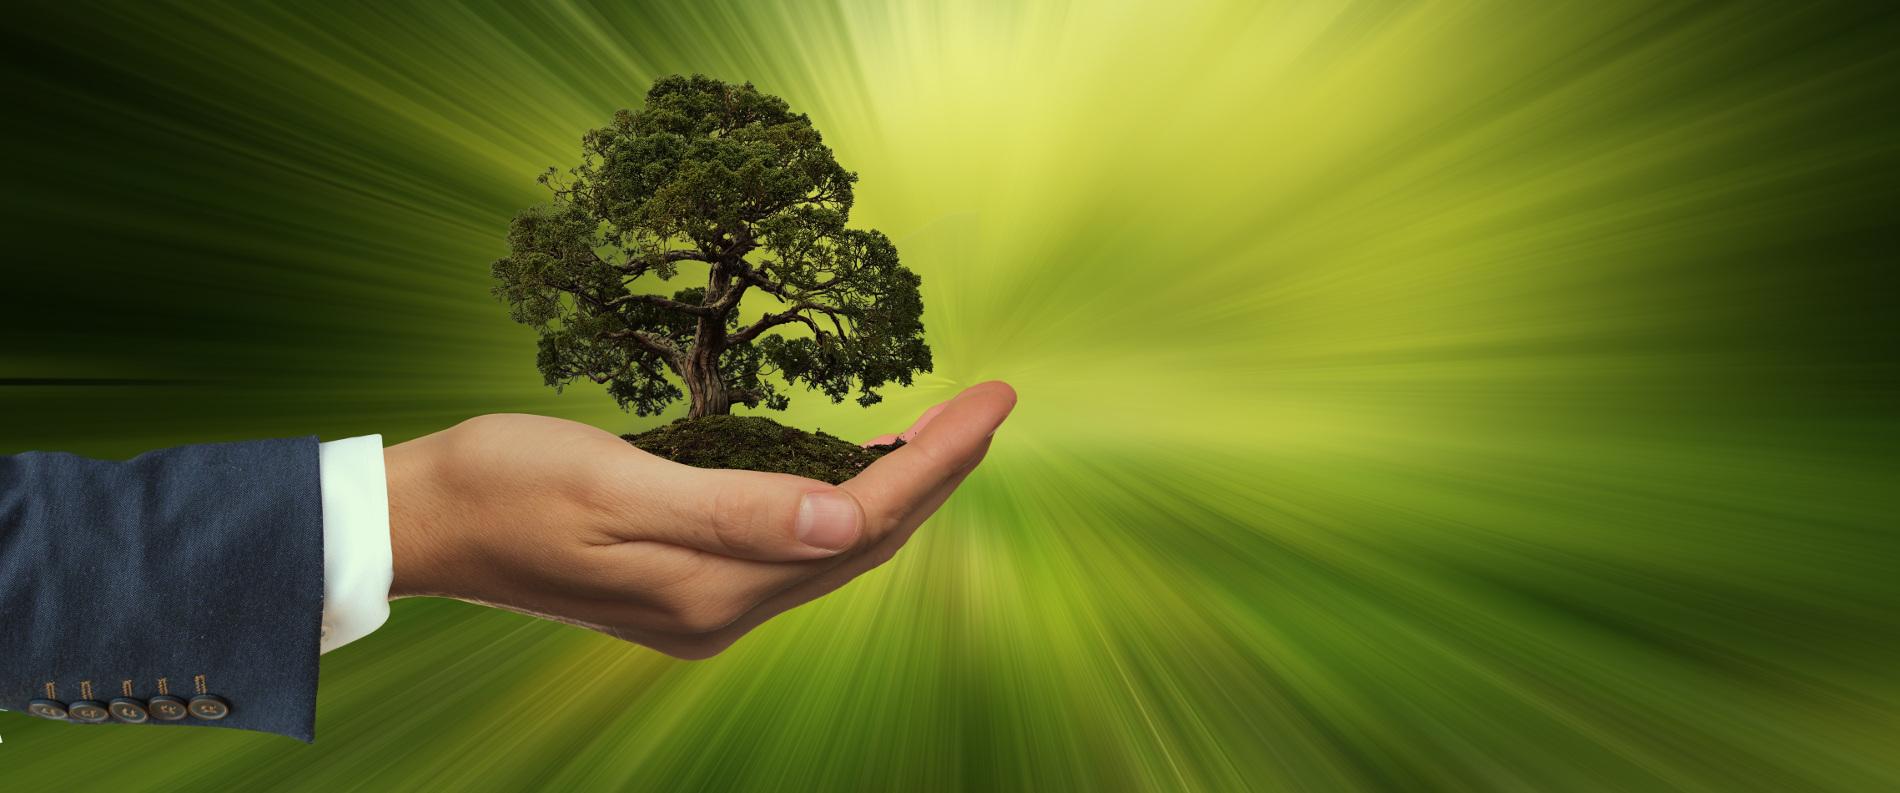 """EU erlässt neue Verordnungen, um das so genannte """"Greenwashing"""" von Finanzprodukten zu verhindern."""